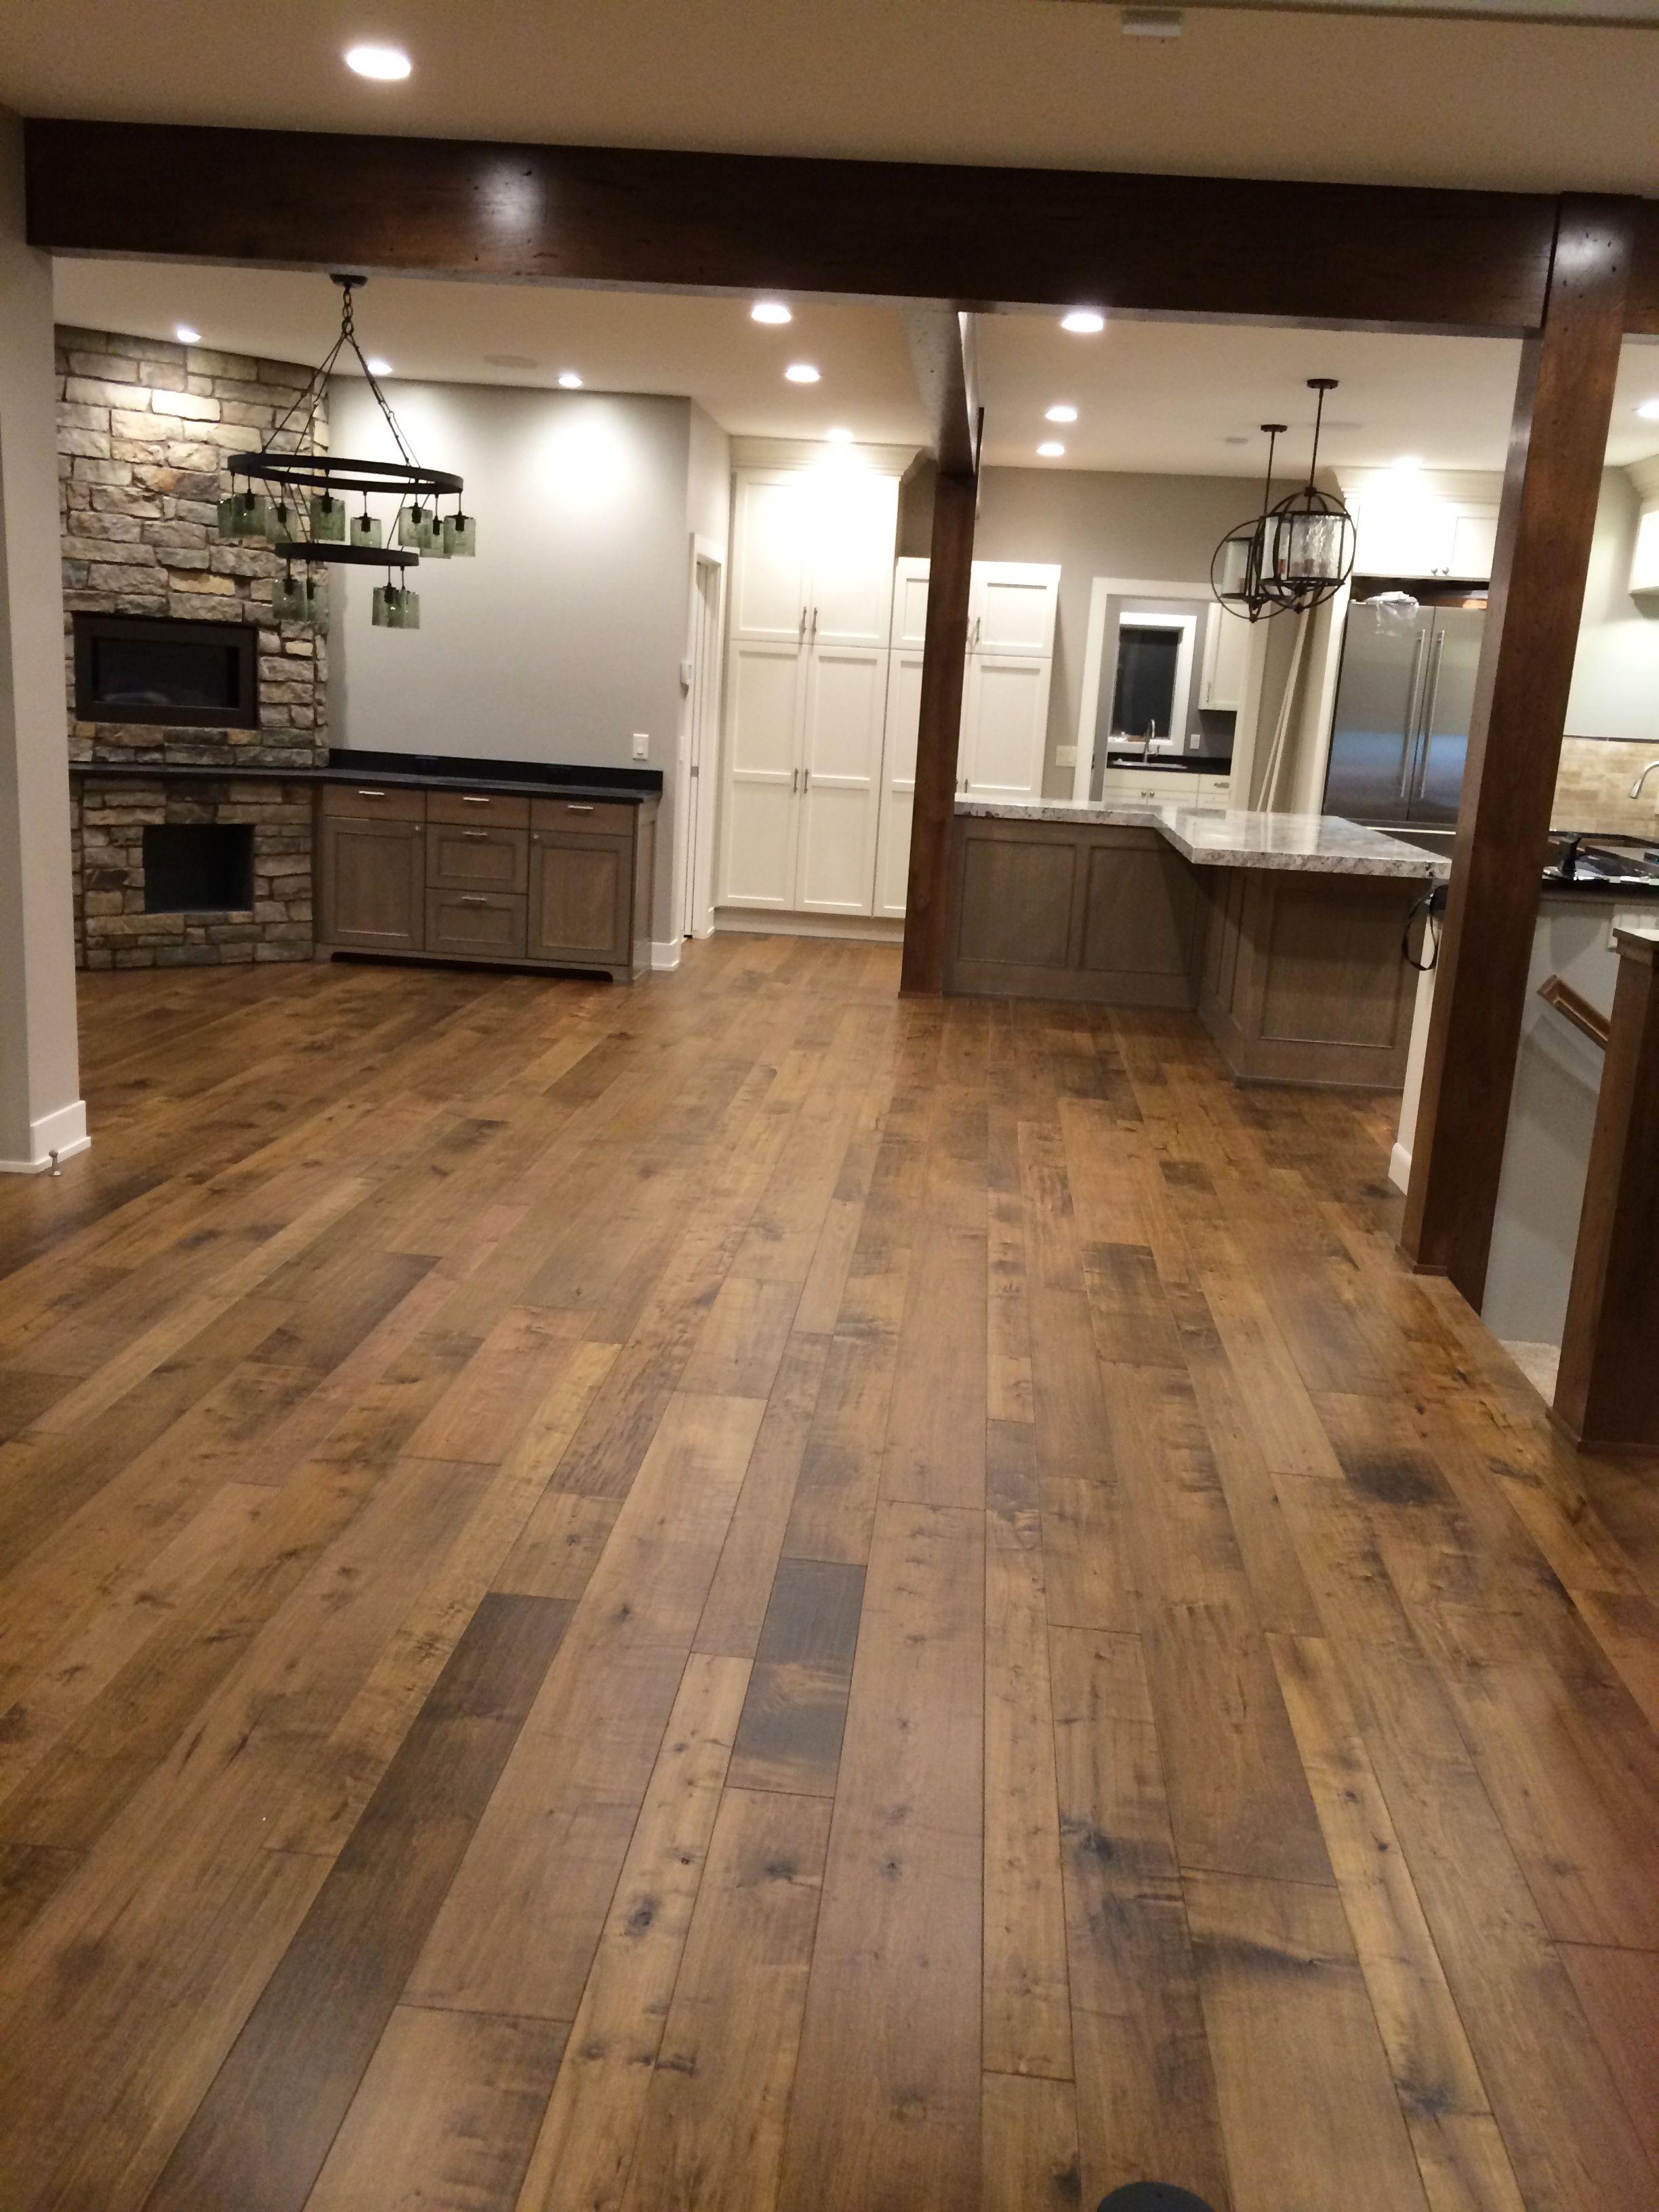 Hardwood Floors Install